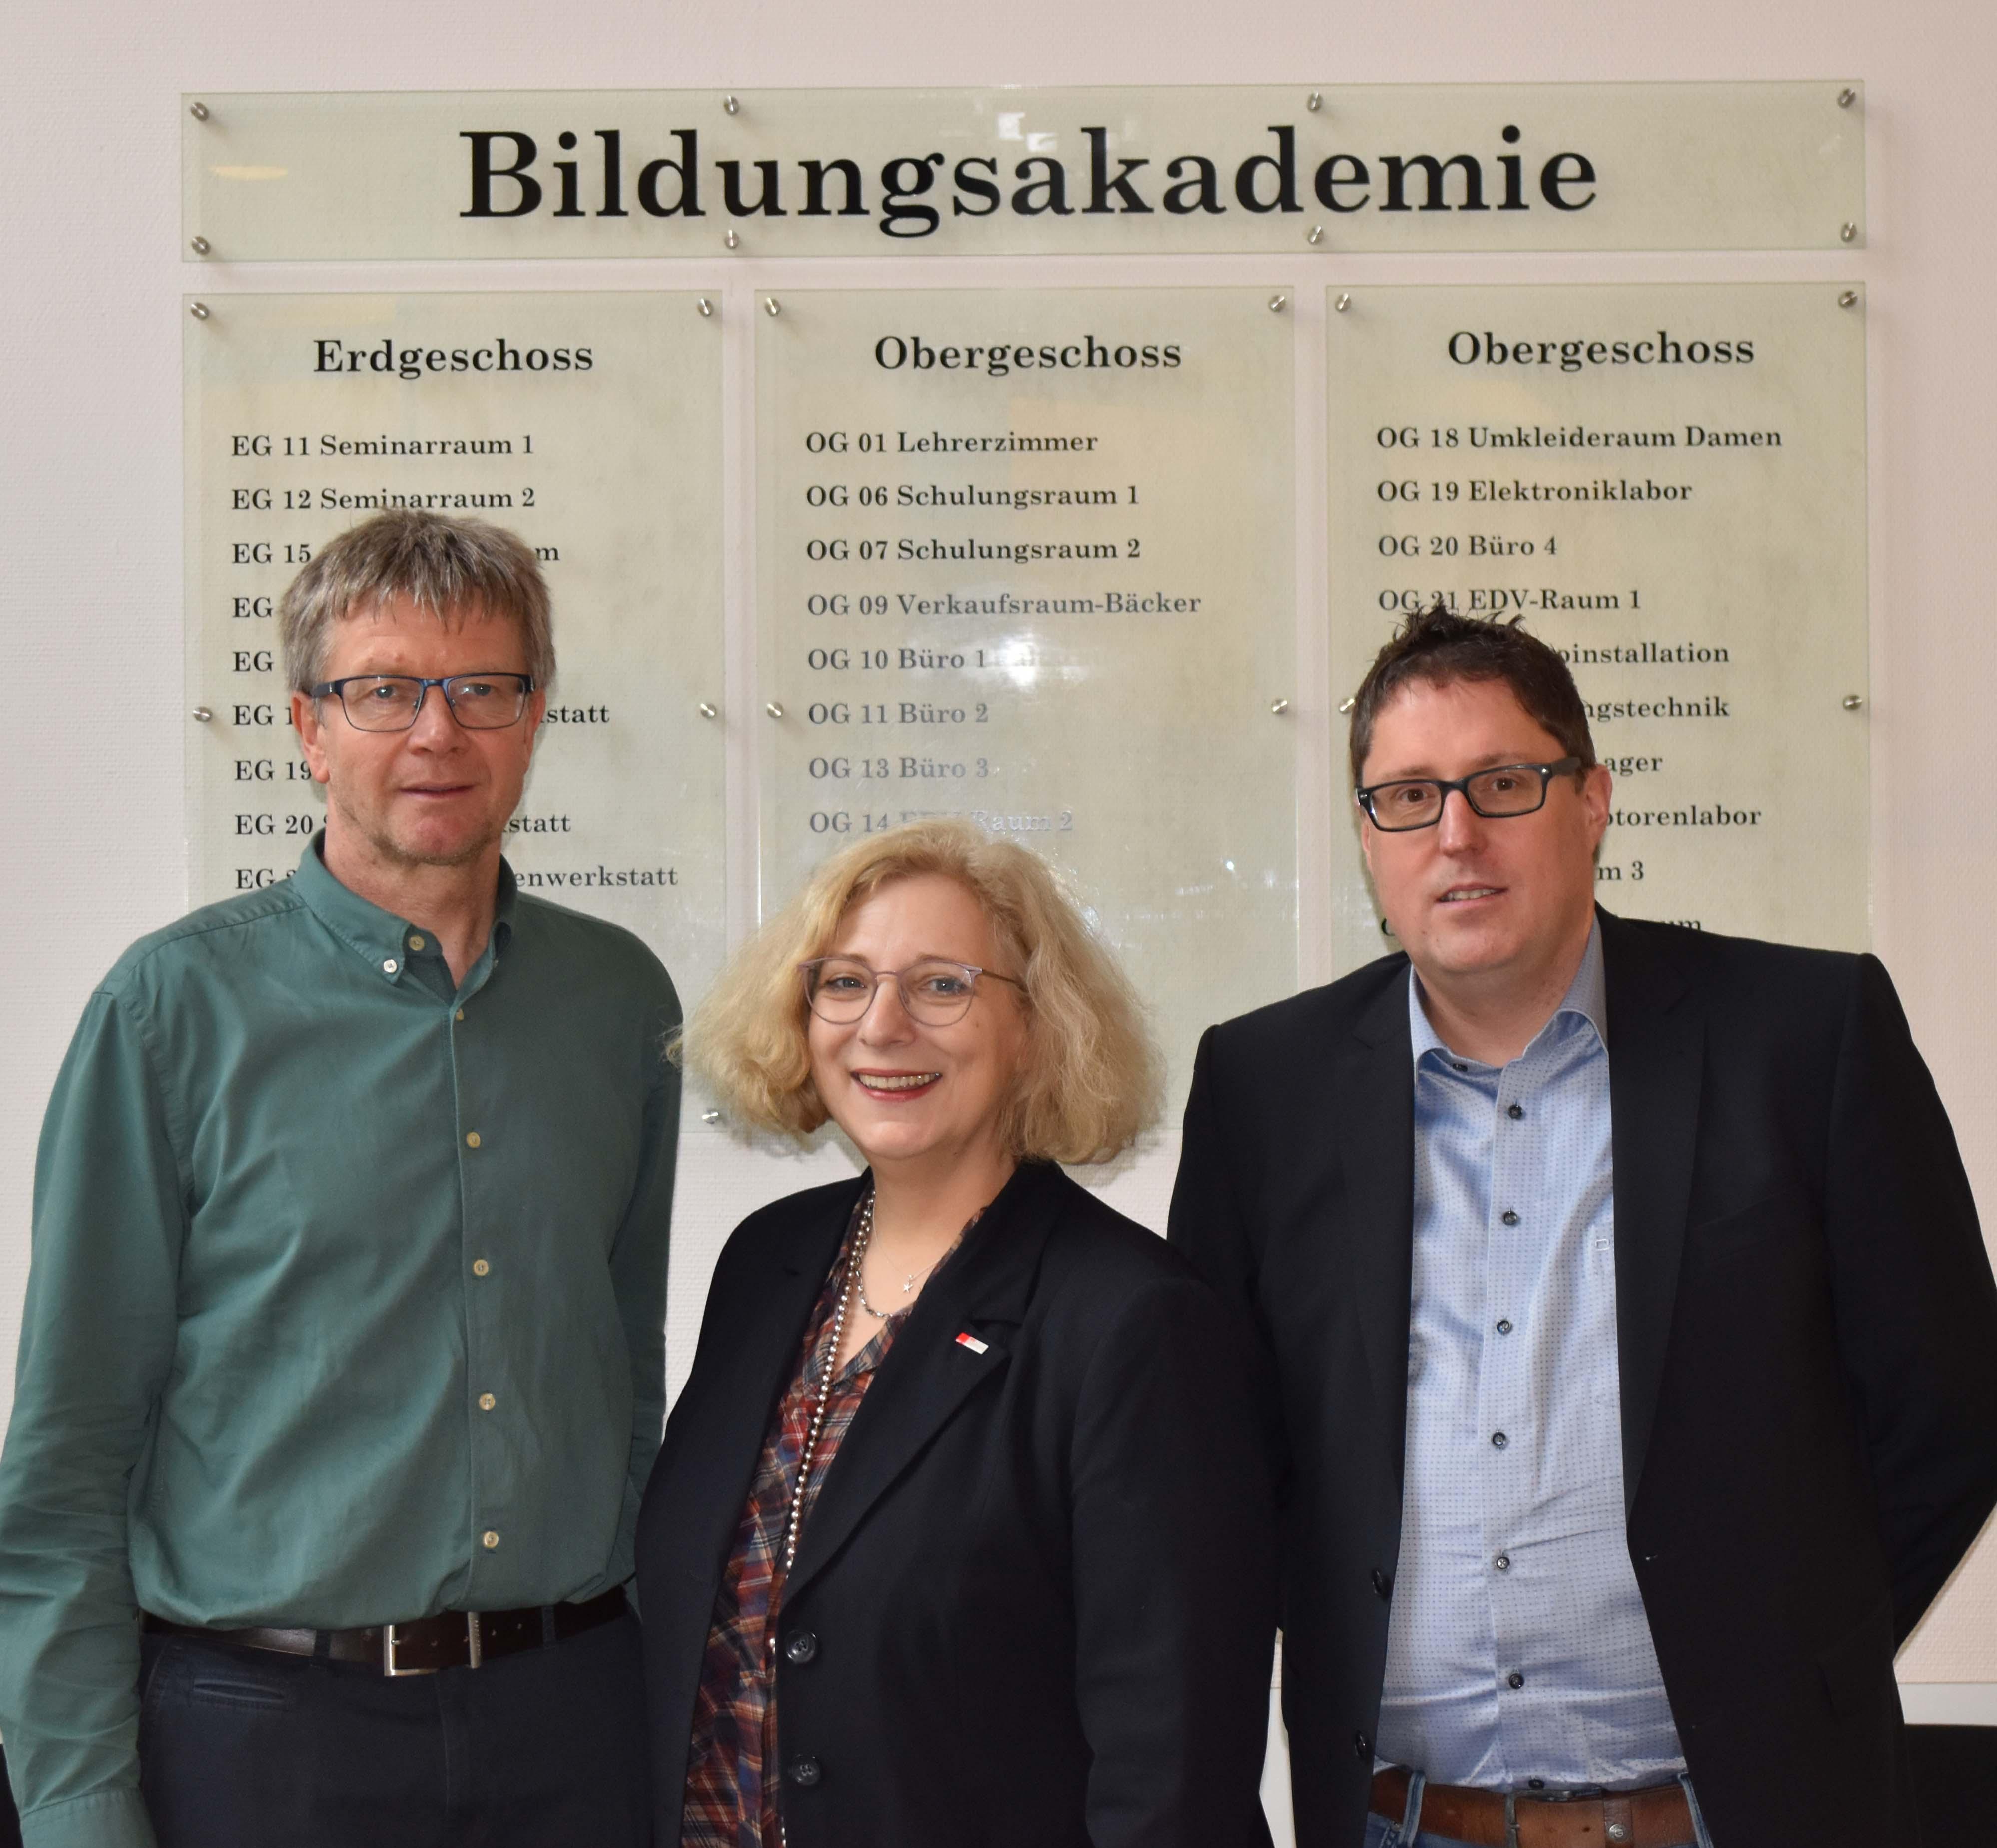 V.l.n.r.: Georg Kall, Dr. Daniela De Ridder, Matthias Ricken